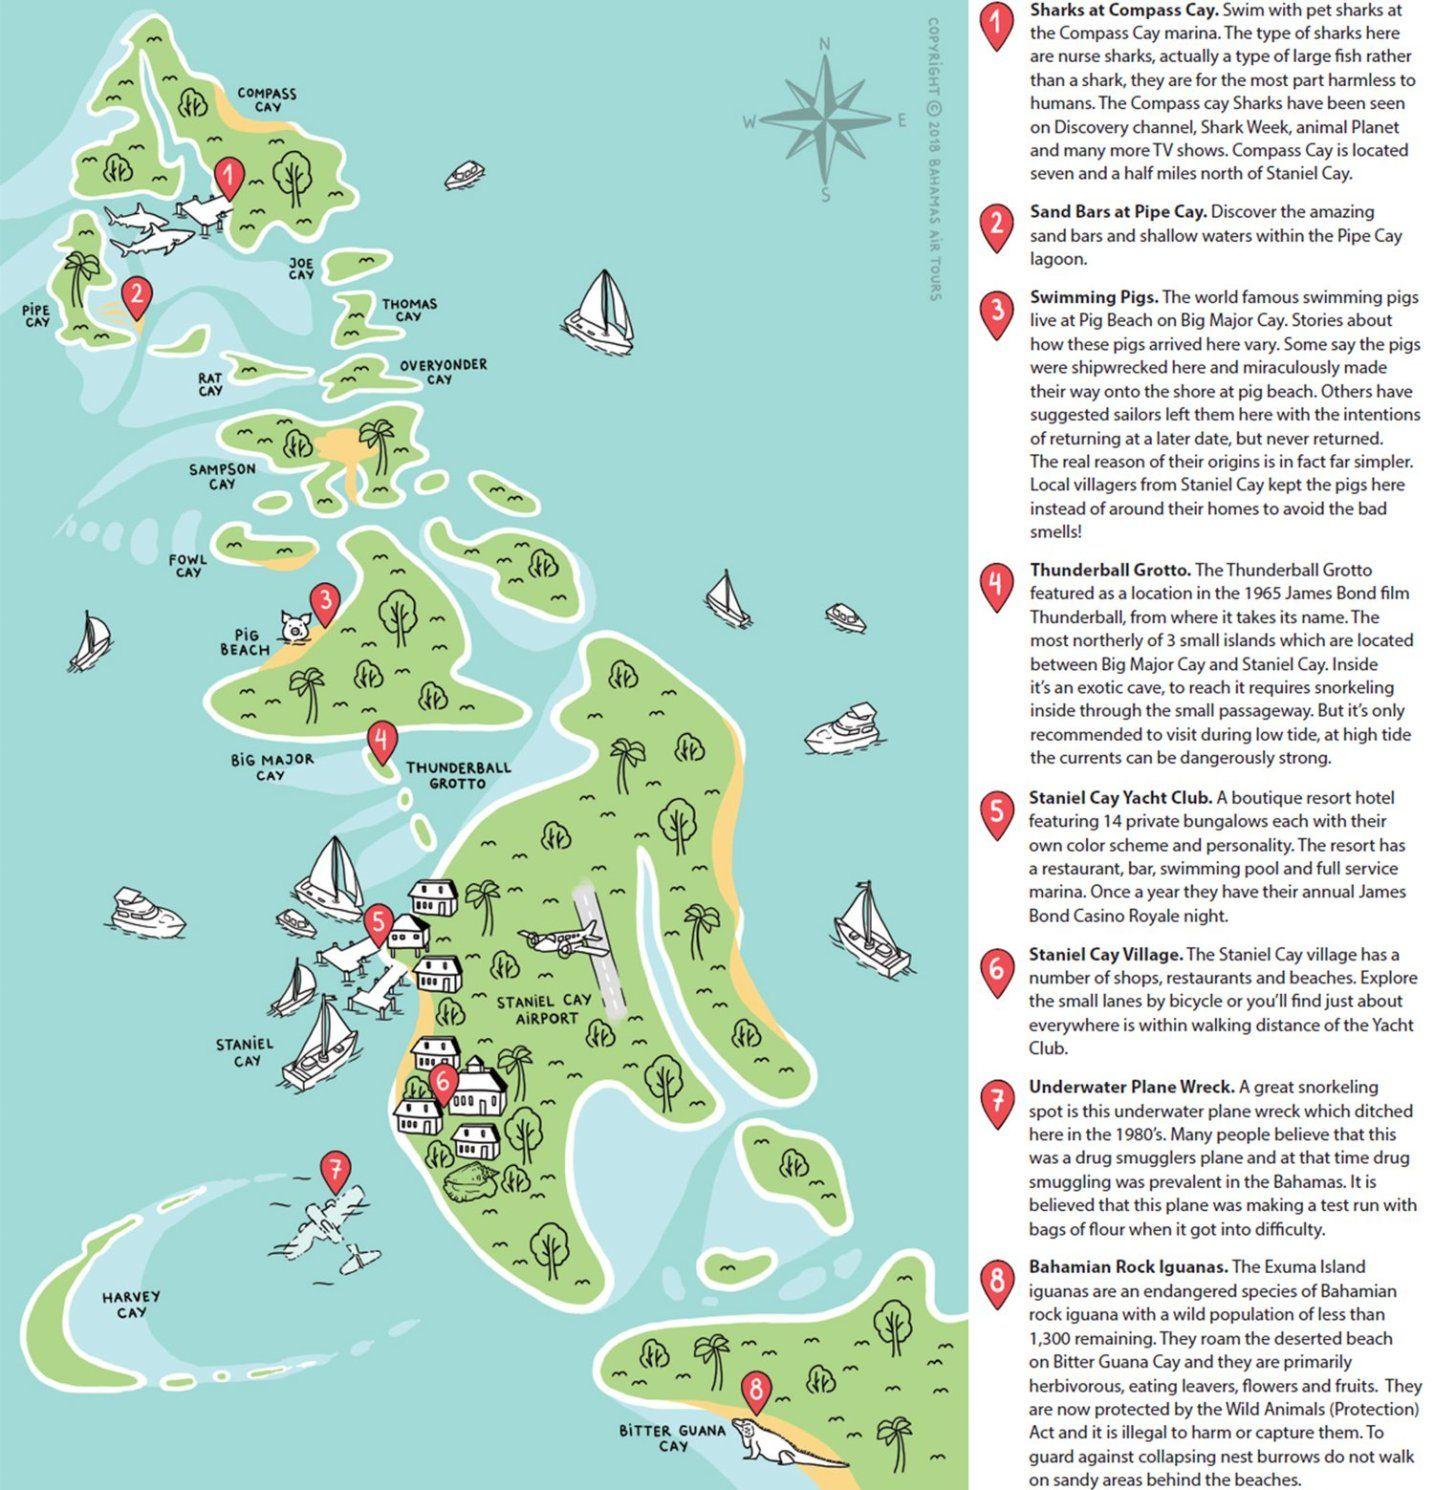 Nassau to Exuma Day Trip | Travel inspiration | Pig beach